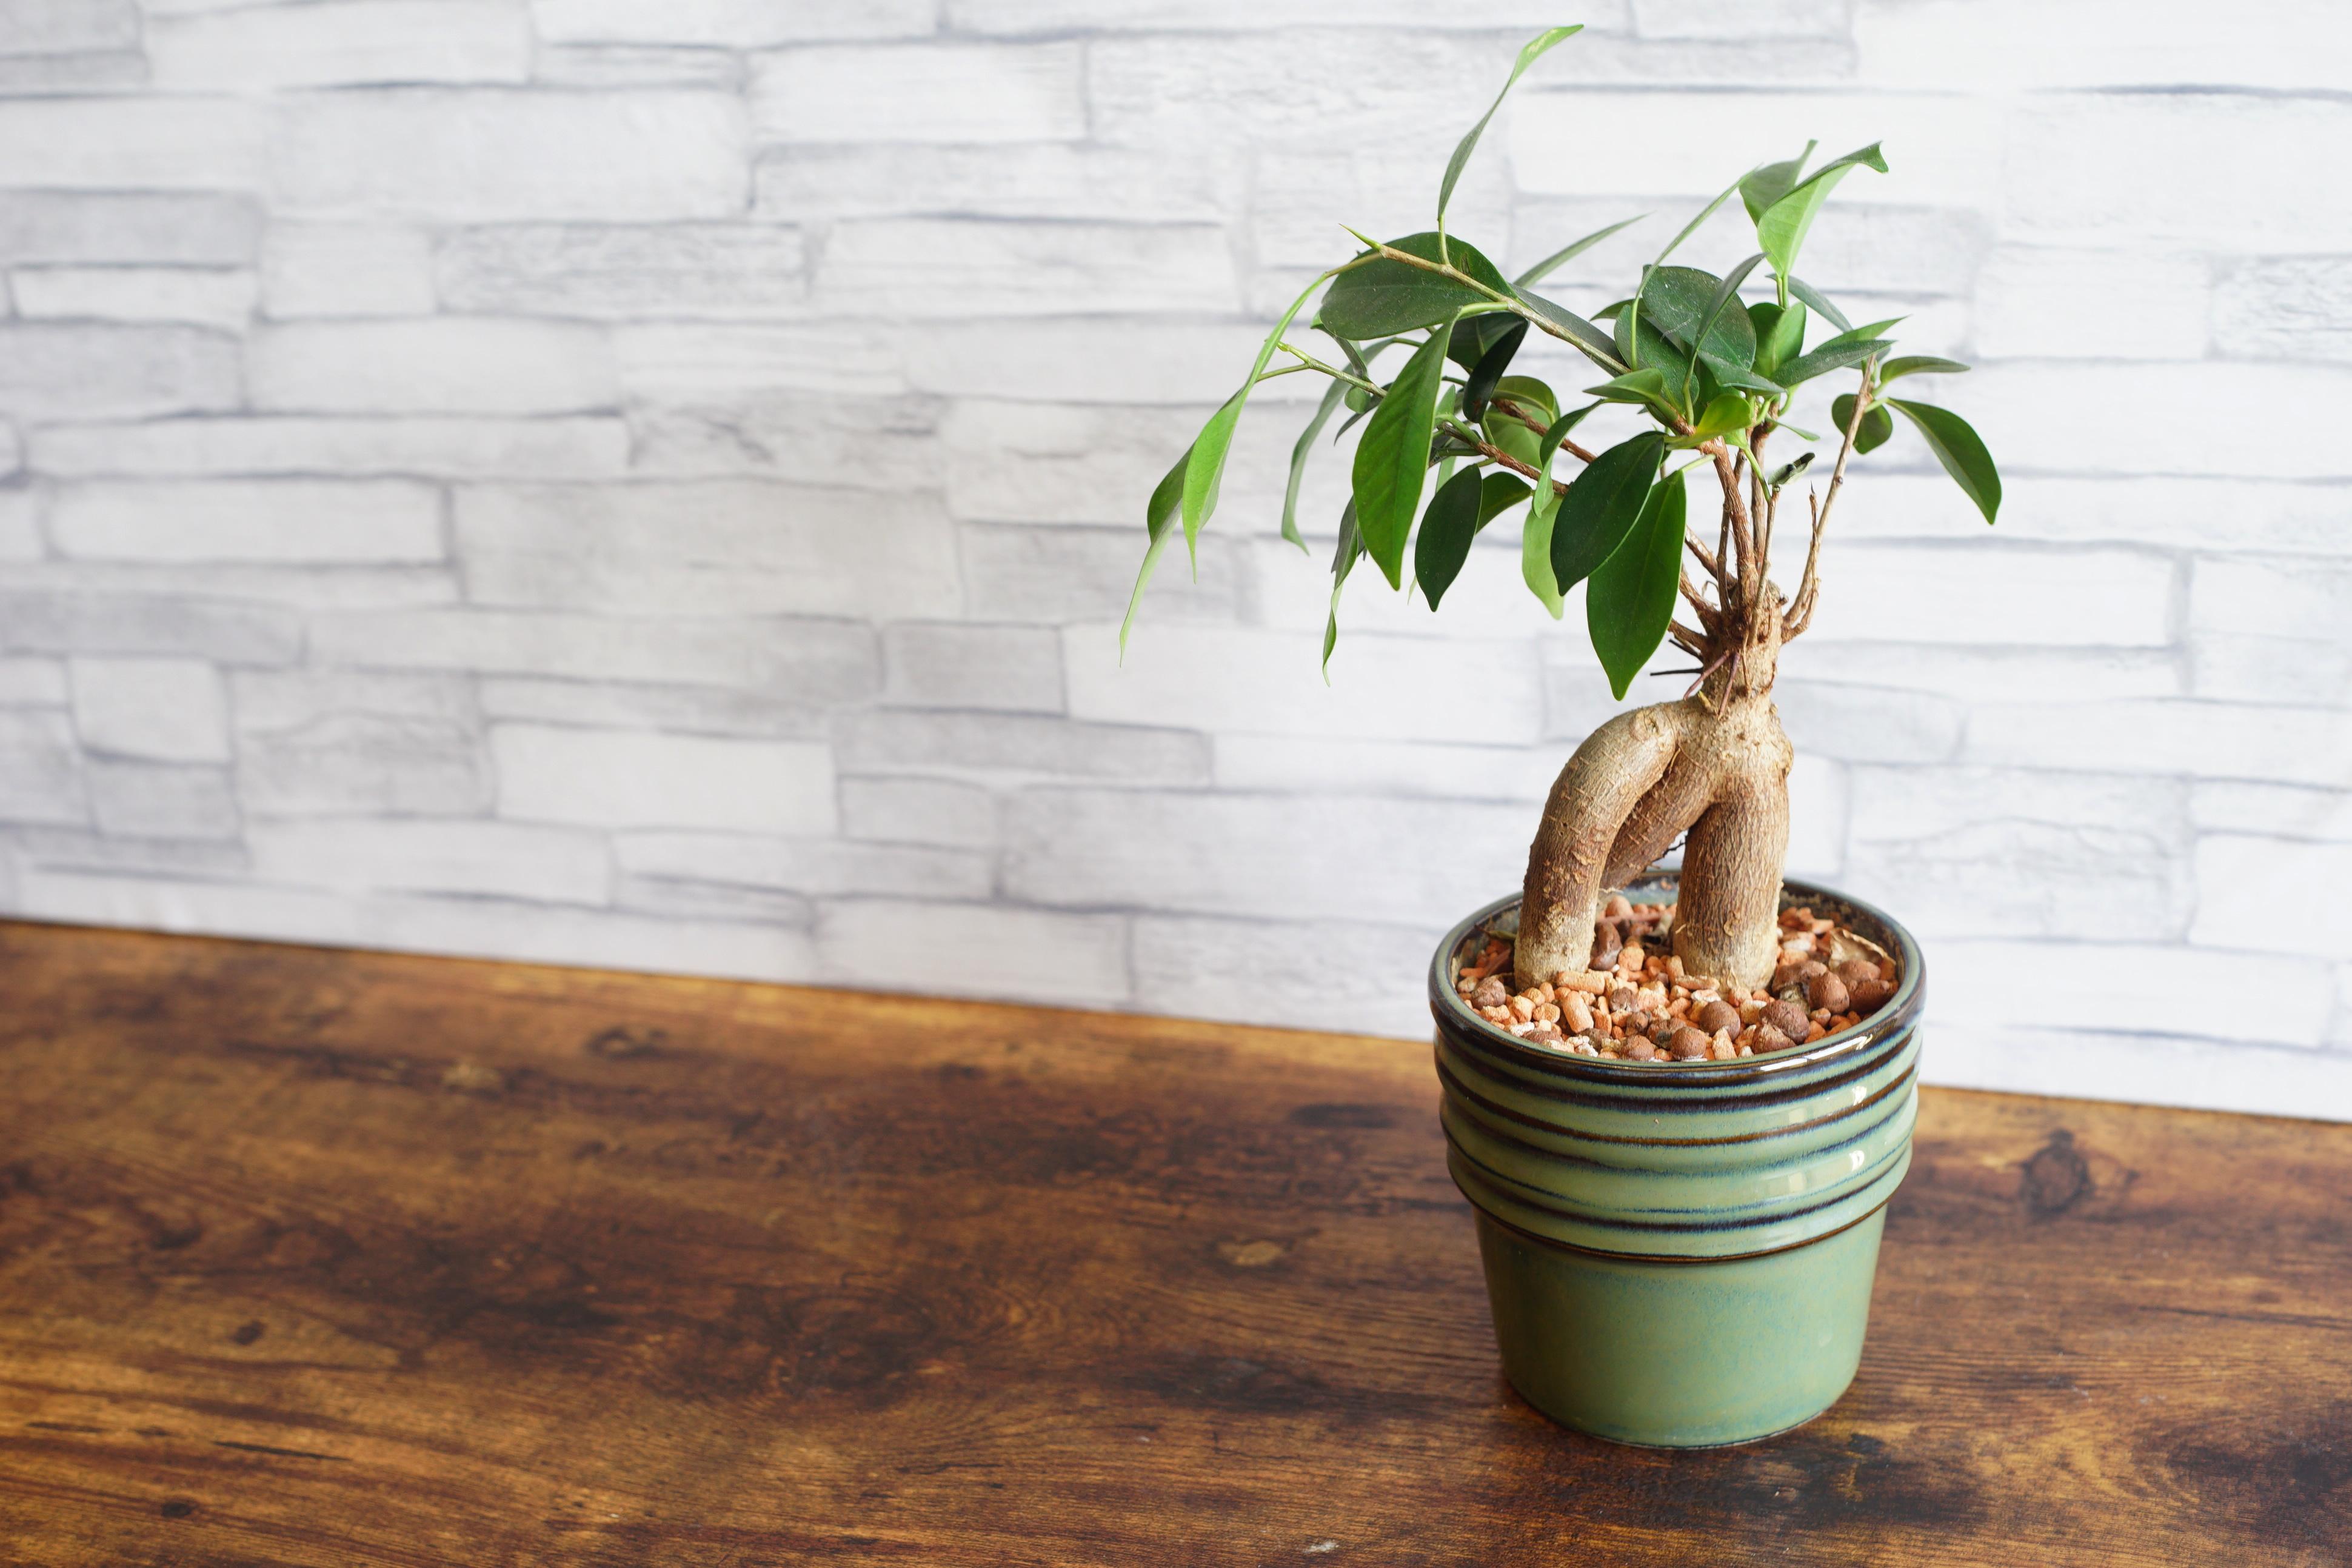 ガジュマル盆栽の作り方と育て方!剪定方法や仕立て方を詳しく解説!